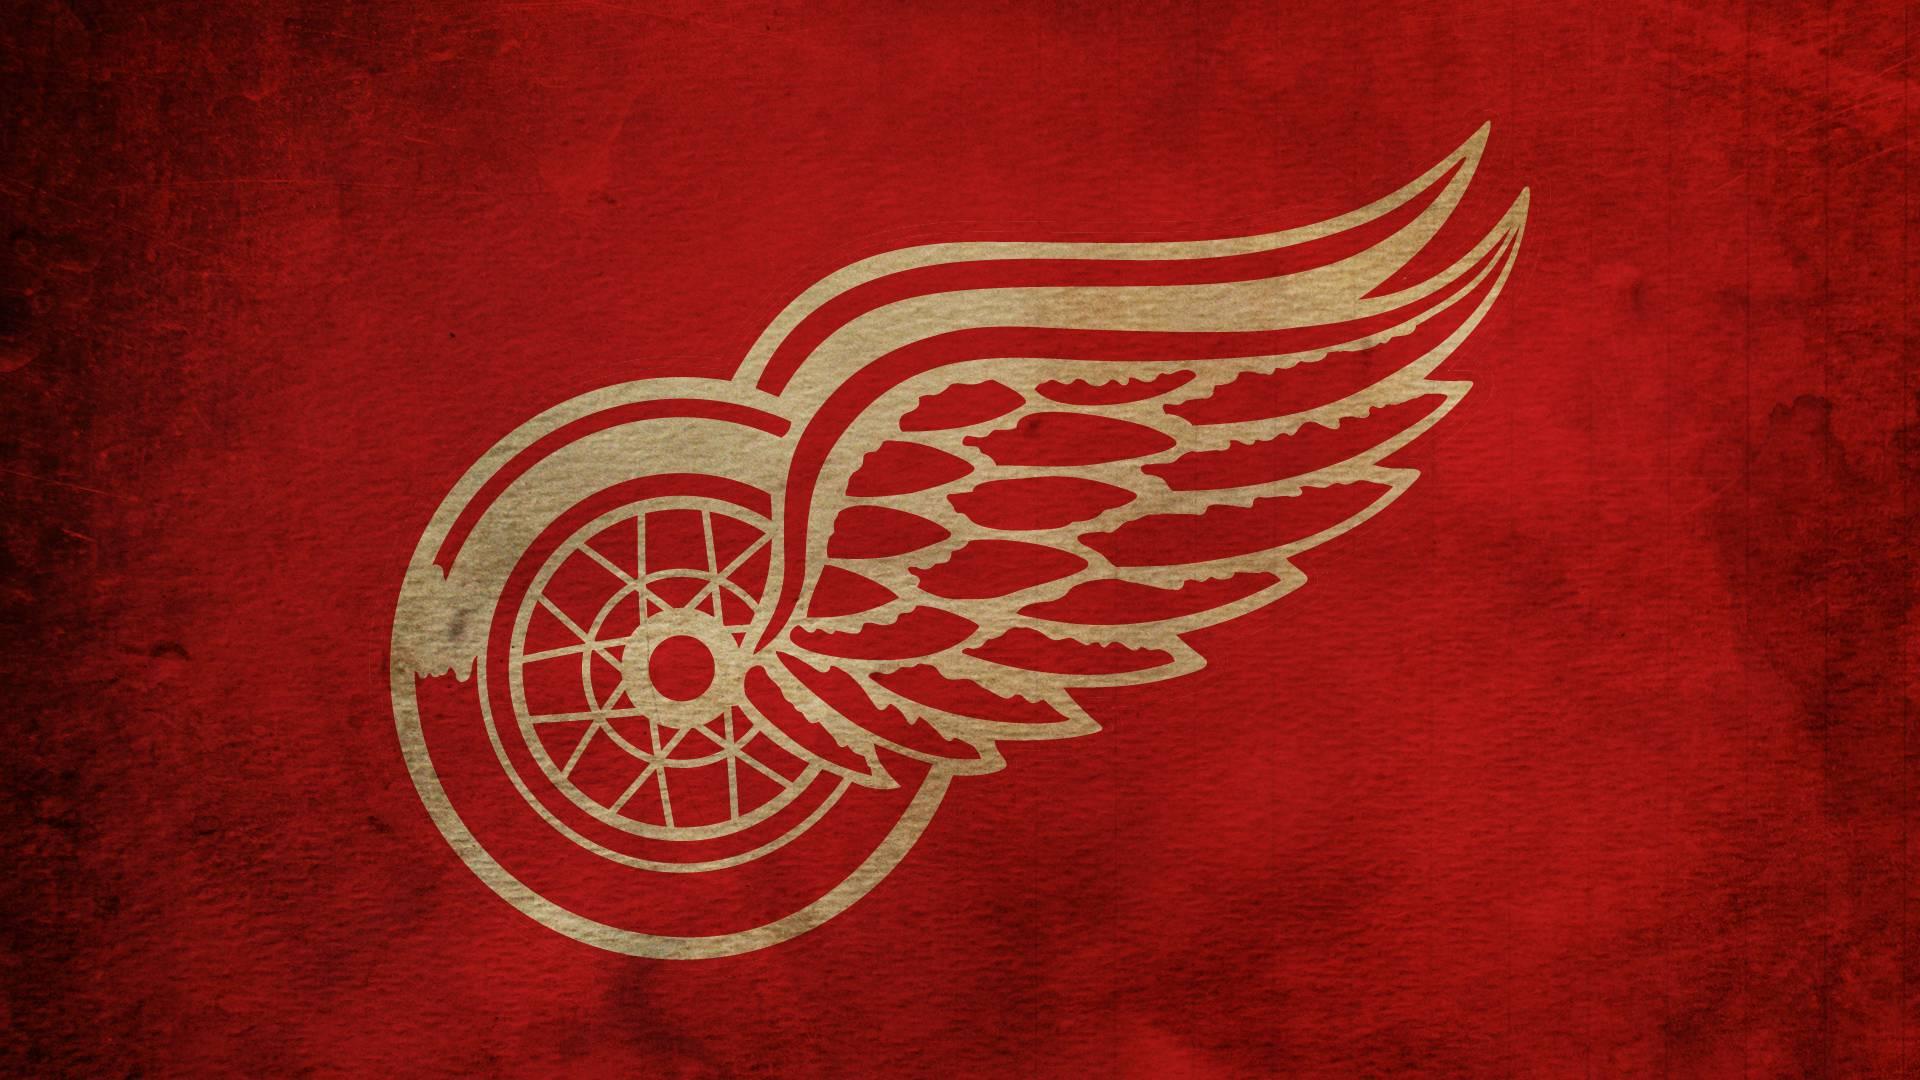 Detroit Red Wings Hd Wallpaper